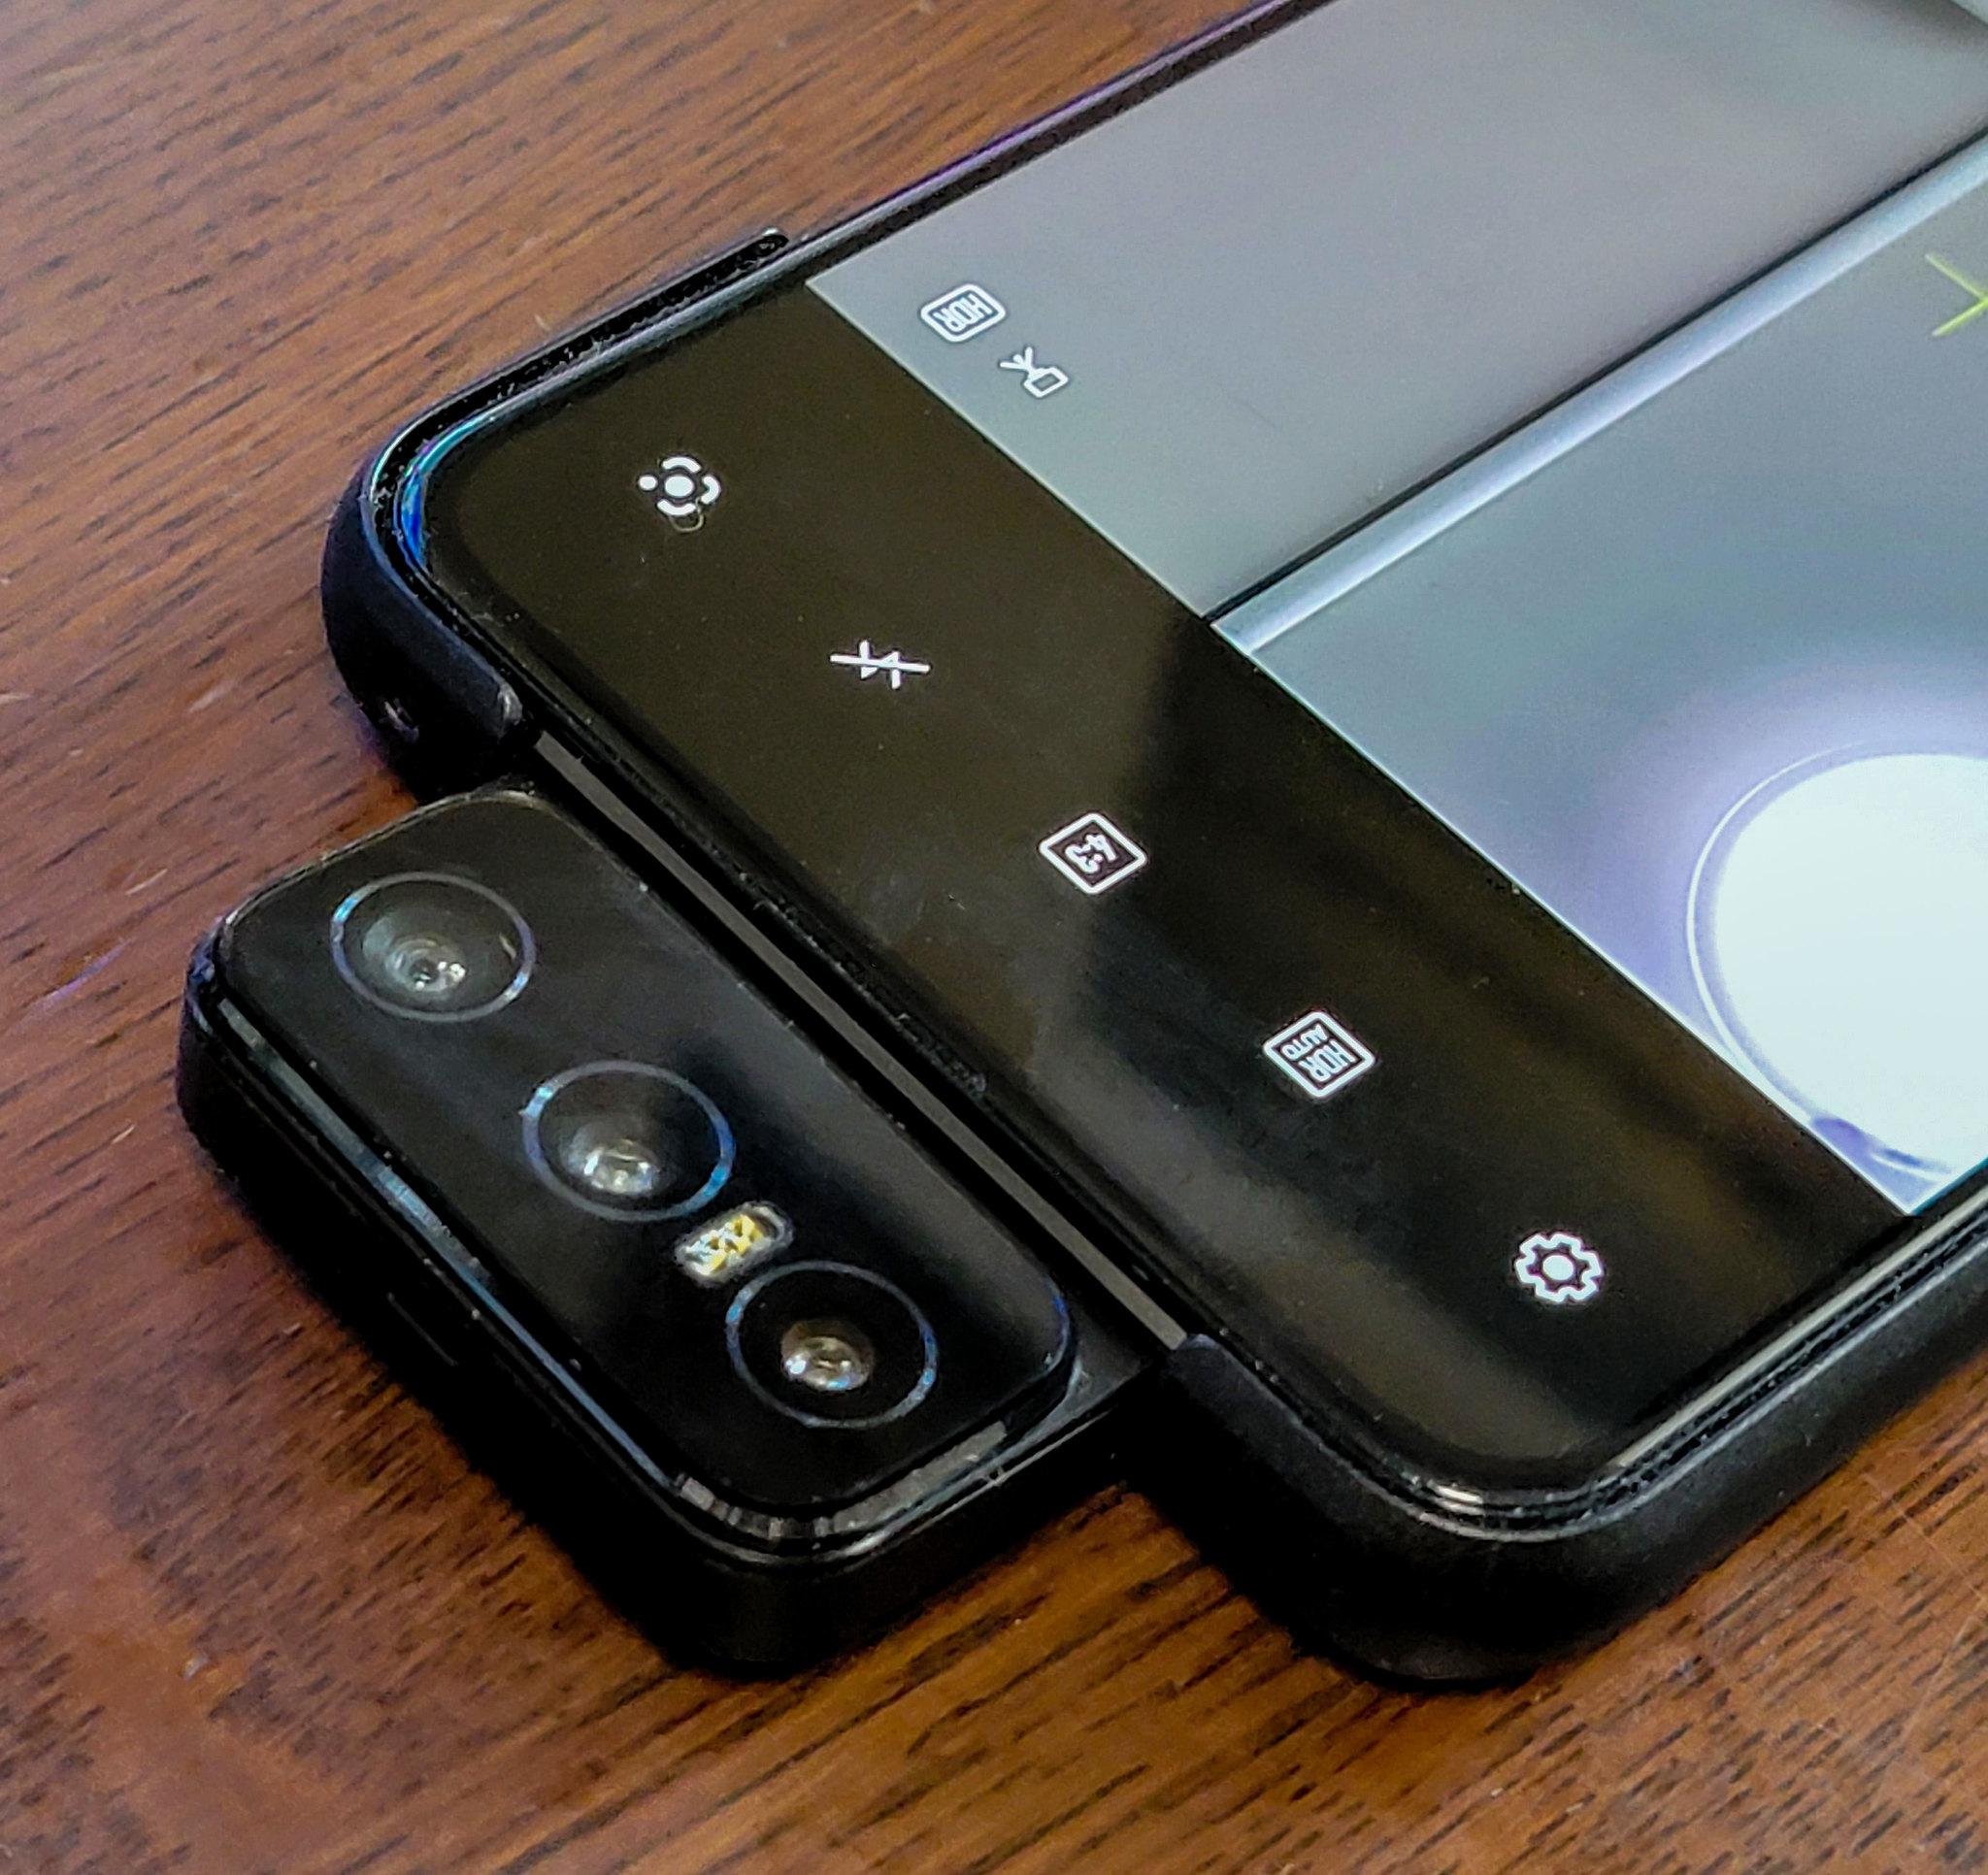 3眼のフリップカメラが楽しい パノラマ撮影・自撮りにも ASUS Zenfone 8 Flip